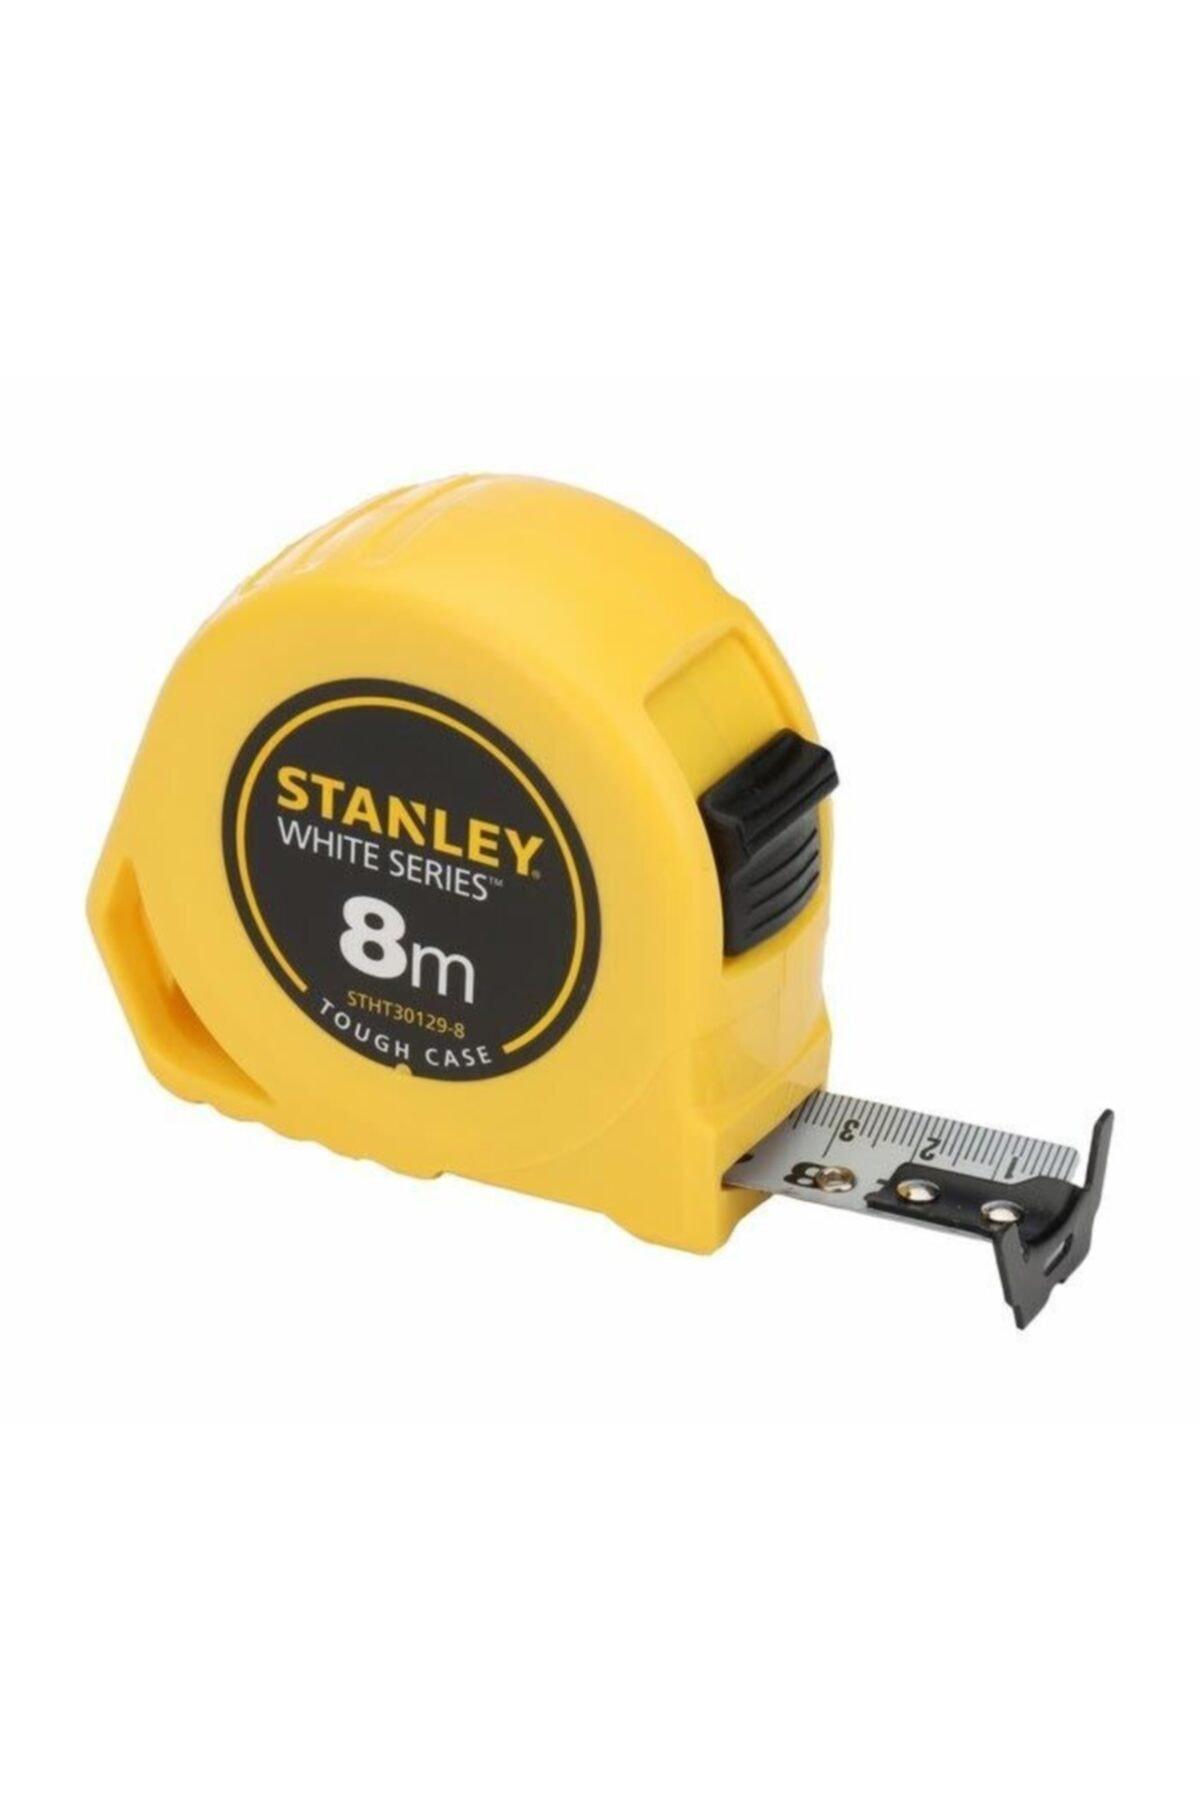 Stanley Beyaz Şeritli Metre 8m x 25mm Stht30129-8 2